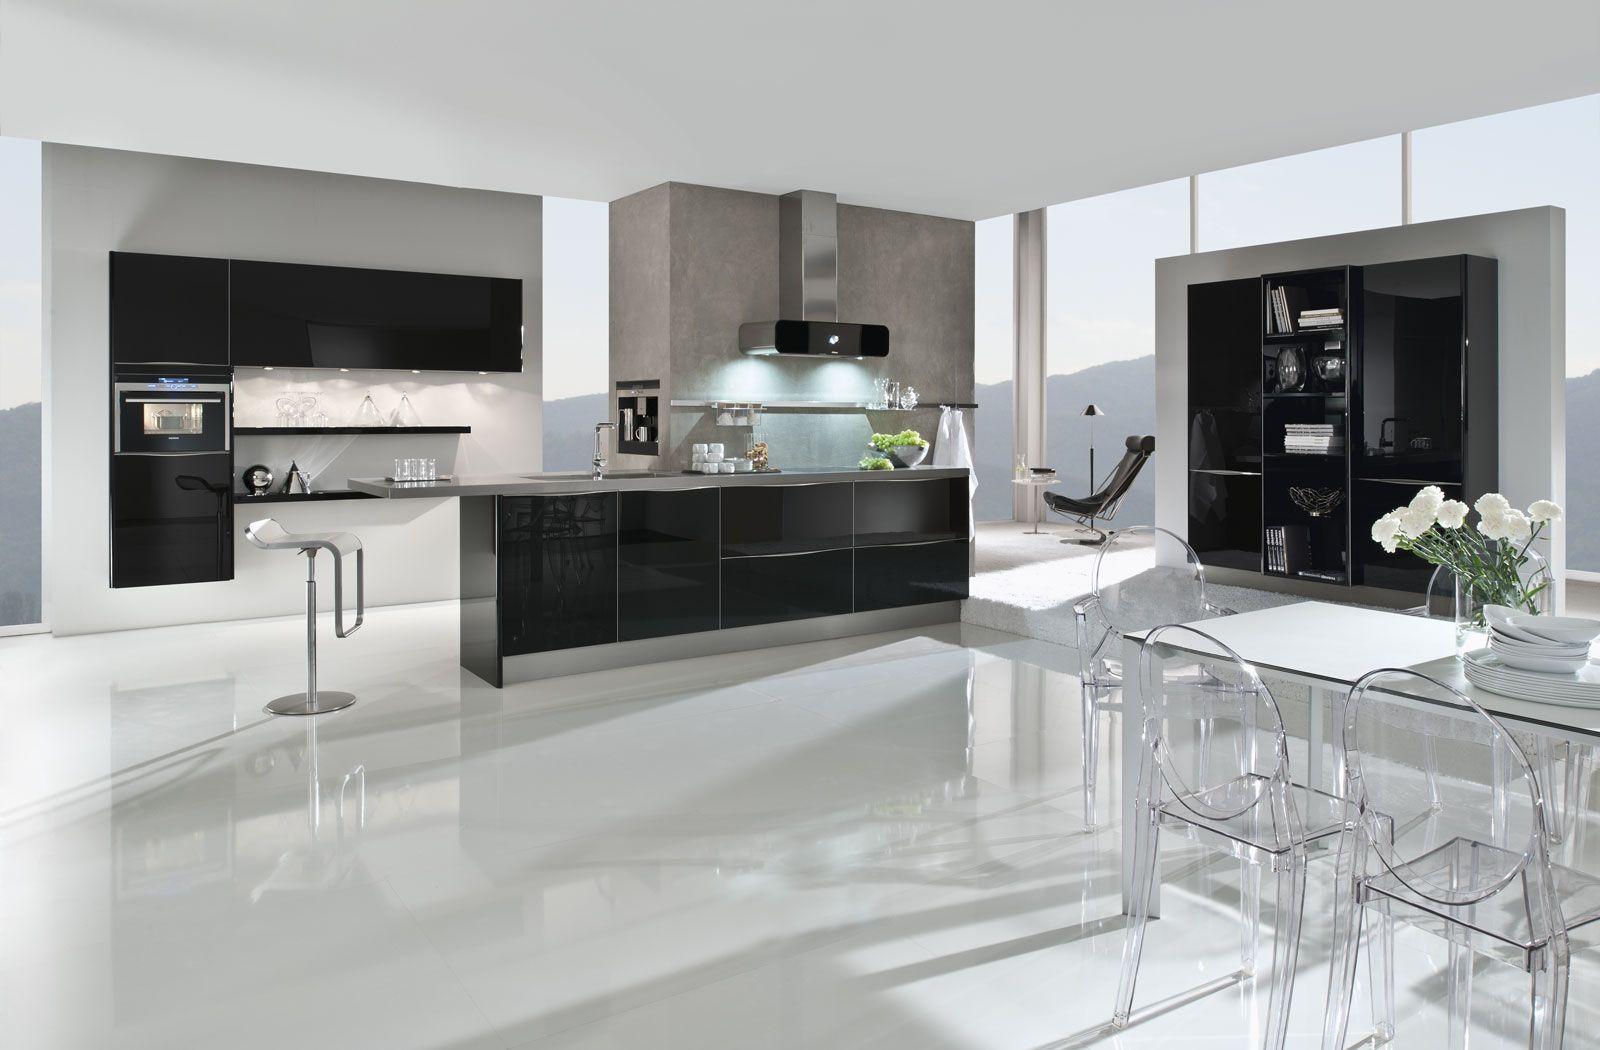 Systemat/Art - Häcker Küchen   Keuken inspiratie   Pinterest ...